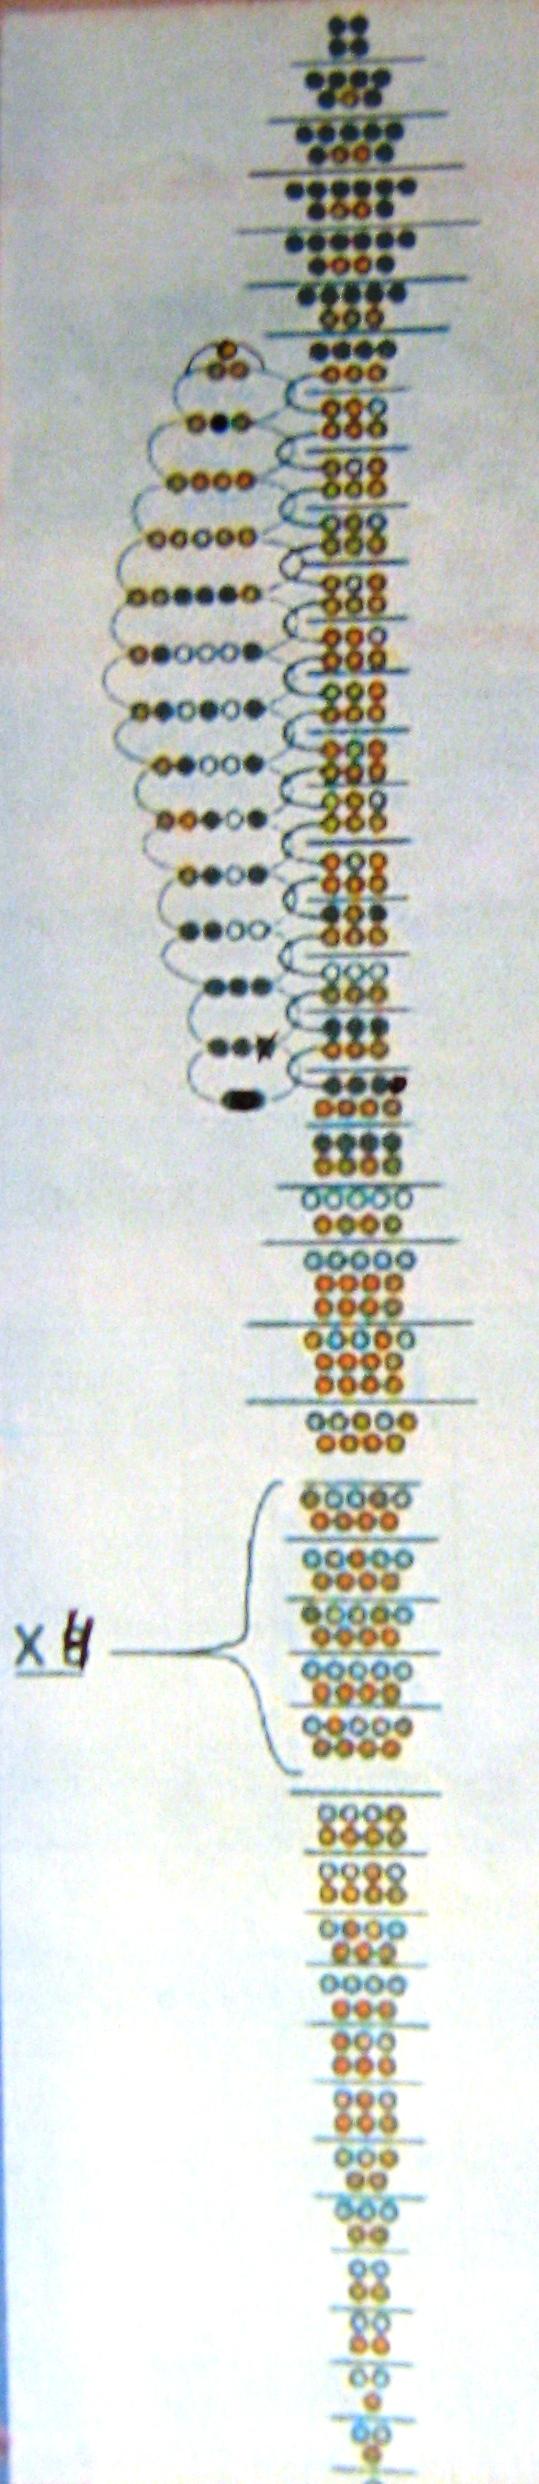 схема бисероплетения животных объемных